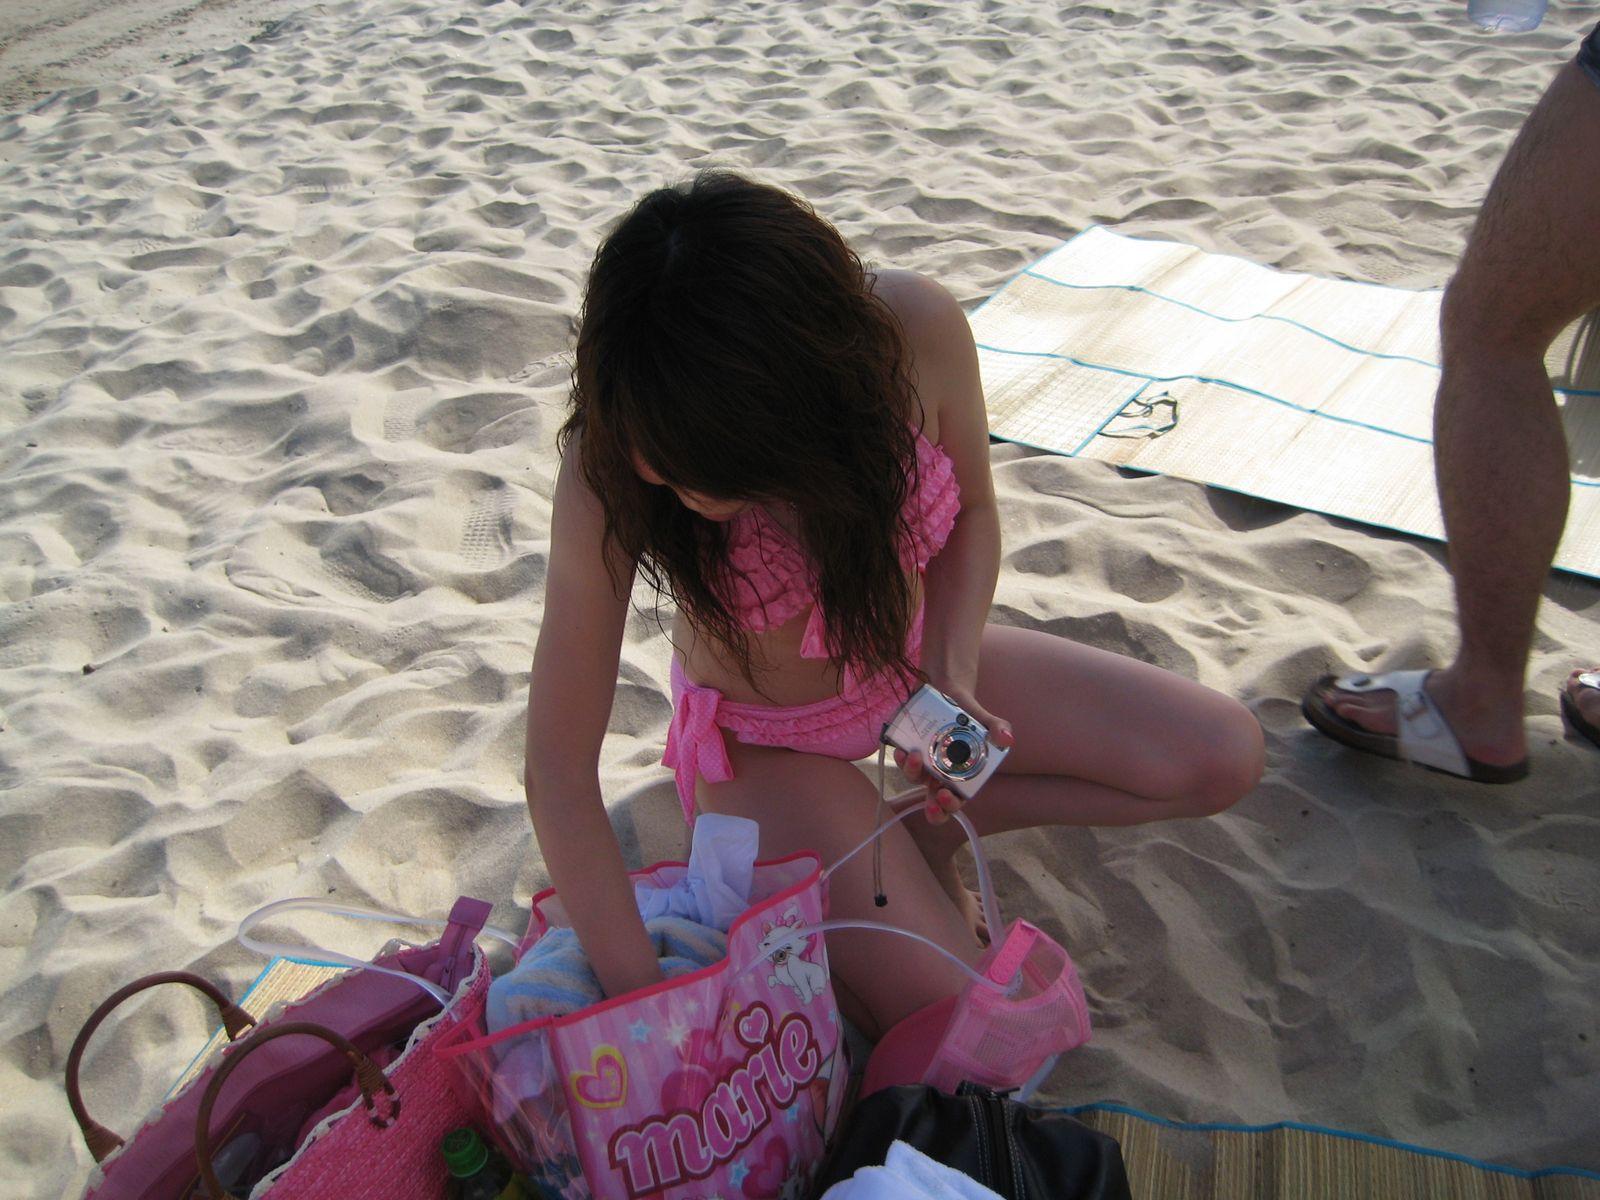 素人水着の女性 フェト☆37 [無断転載禁止]©bbspink.comYouTube動画>7本 ->画像>2100枚